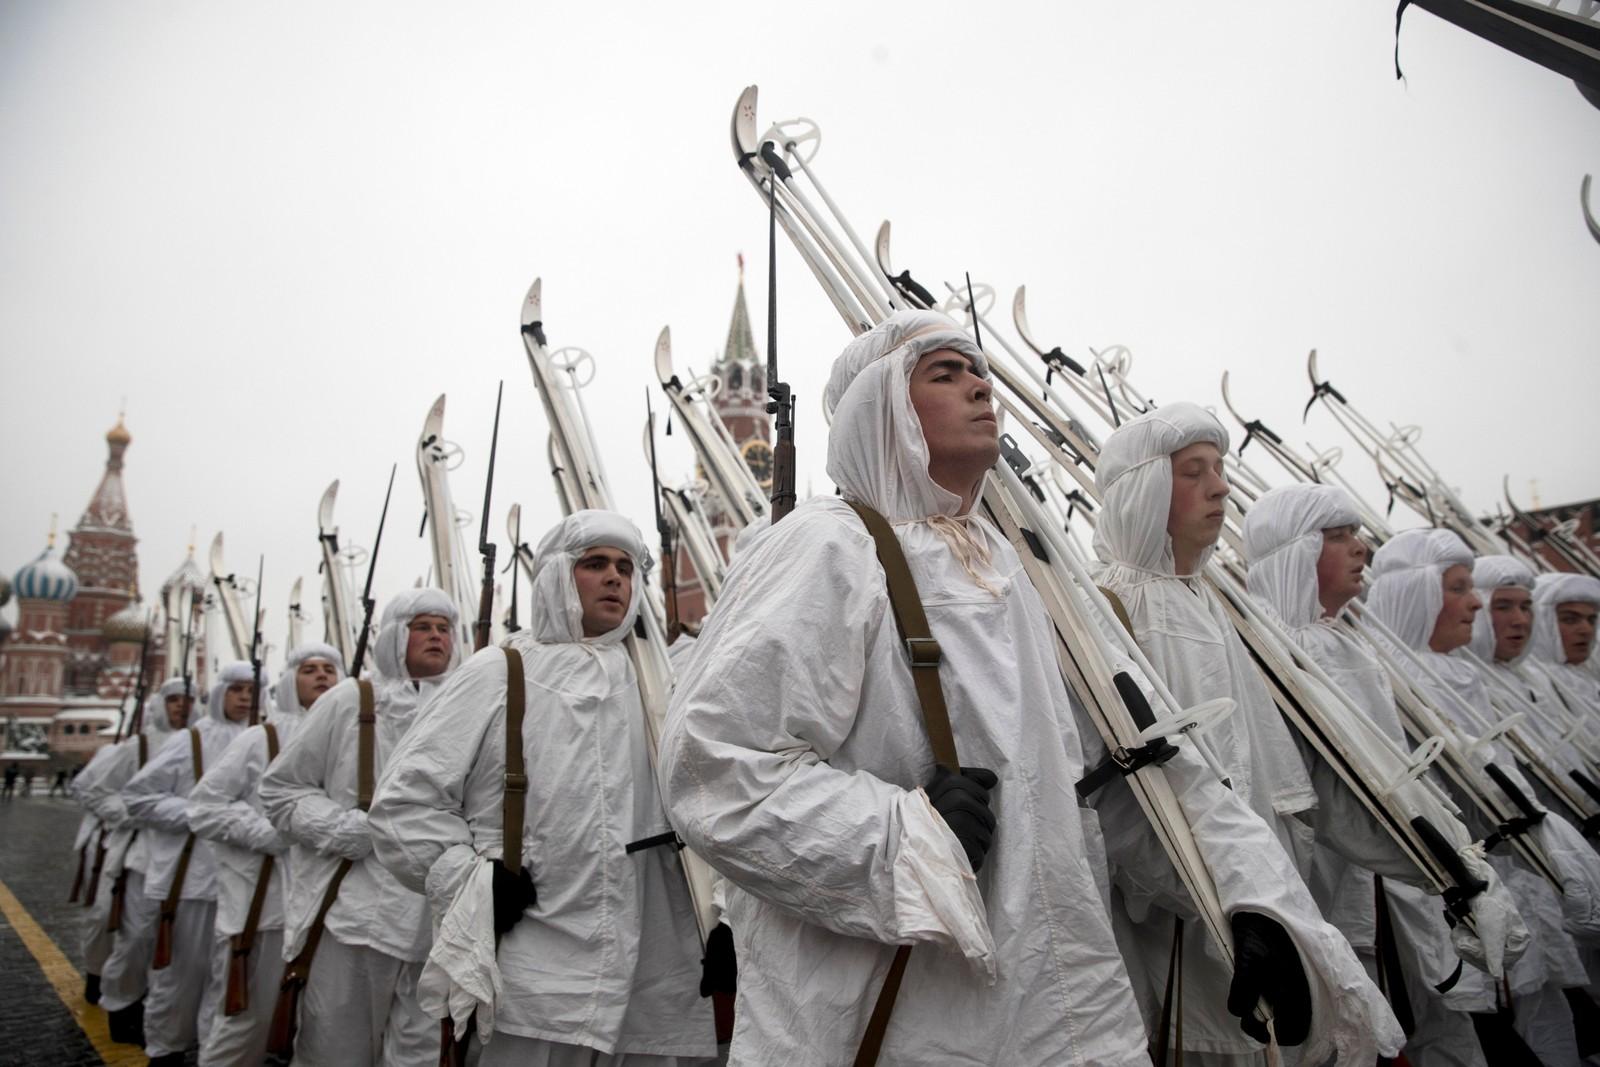 Russiske soldatar i vinterkamuflasjedrakter frå andre verdskrigen marsjerte inn på Den raude plass i dag.